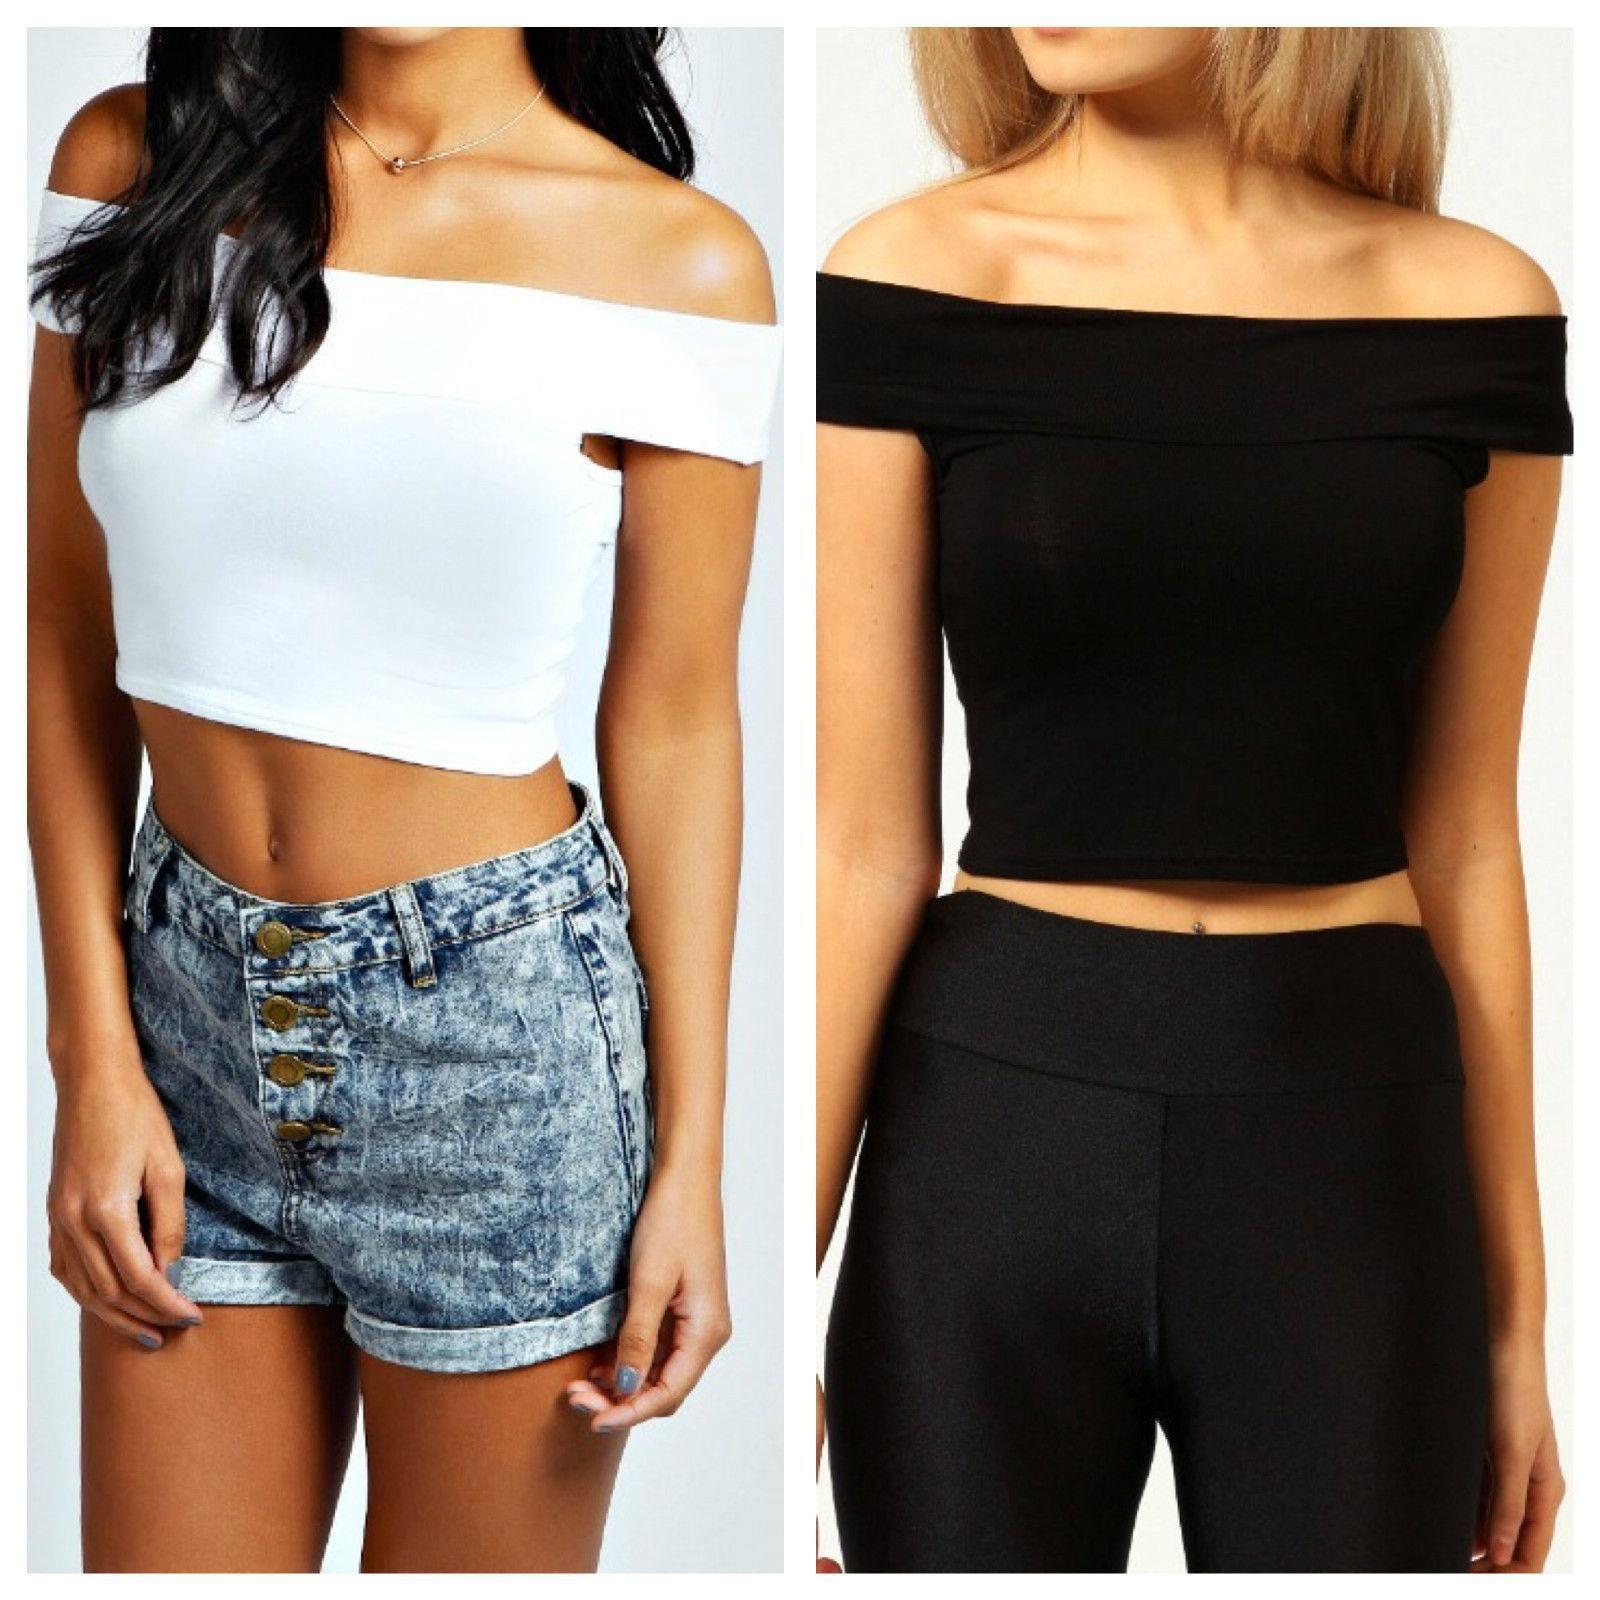 beac691dc Mode Femmes Dames Filles Hors Épaule Bardot Crop Top Été Casual T-Shirt  Tops T-shirts Vêtements Femmes Vêtements Stretch Court Dames T